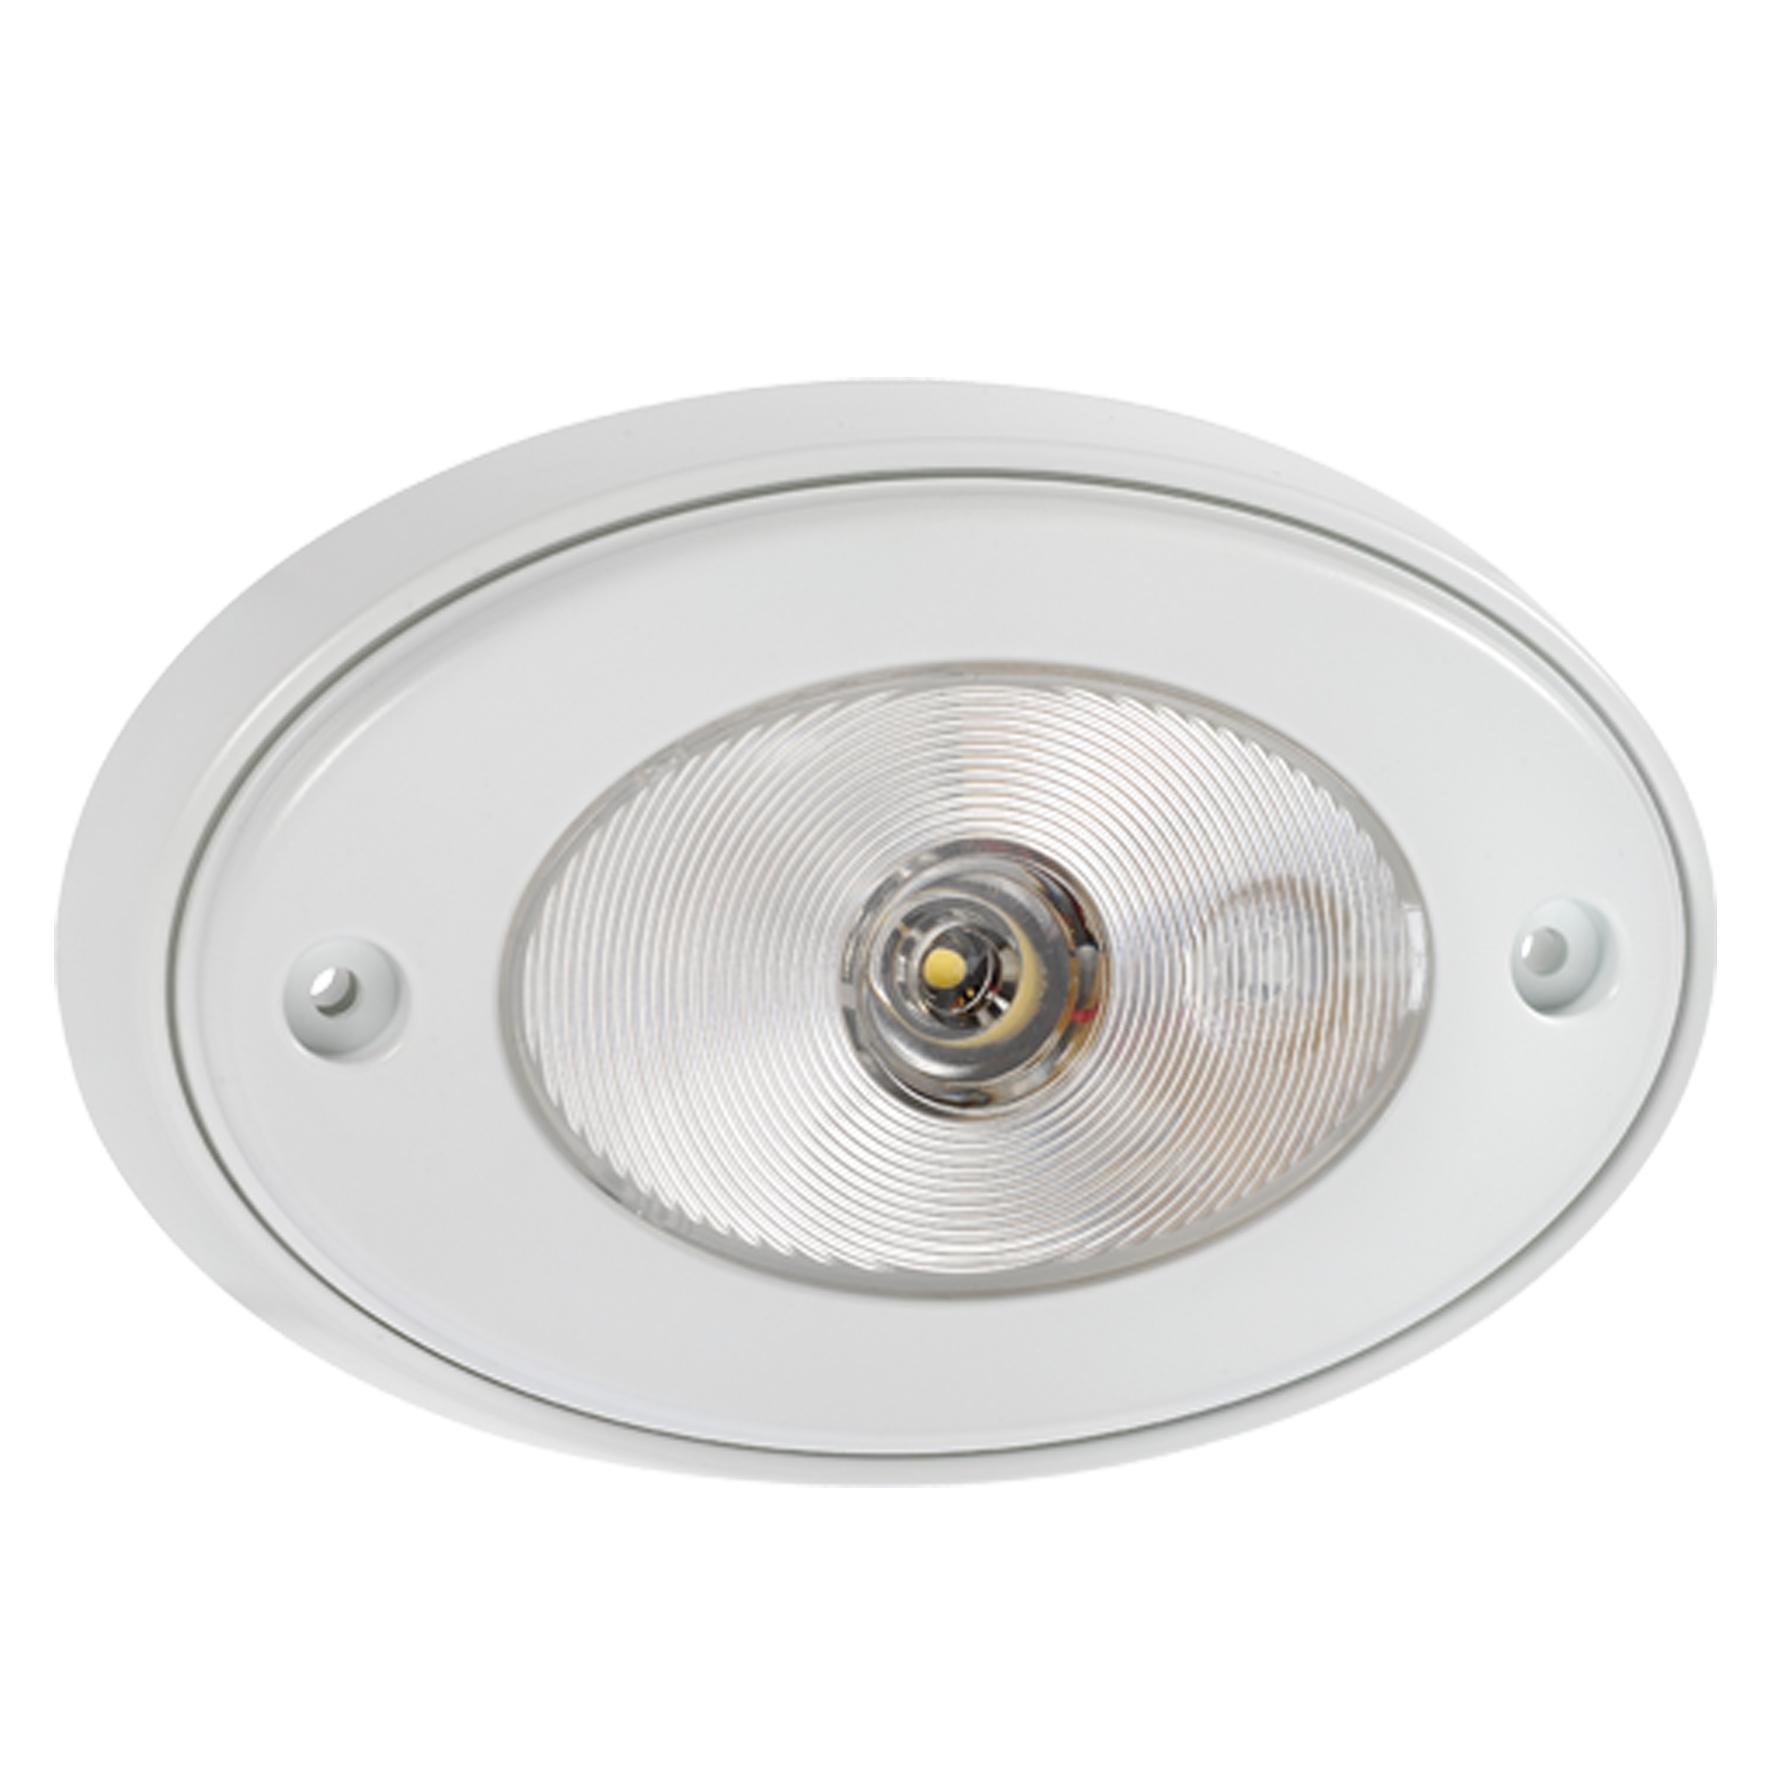 Narva 10 30 Volt L E D Courtesy Strip Lamp: Narva 10-30 Volt 1W L.E.D White Courtesy Lamp With Off/On